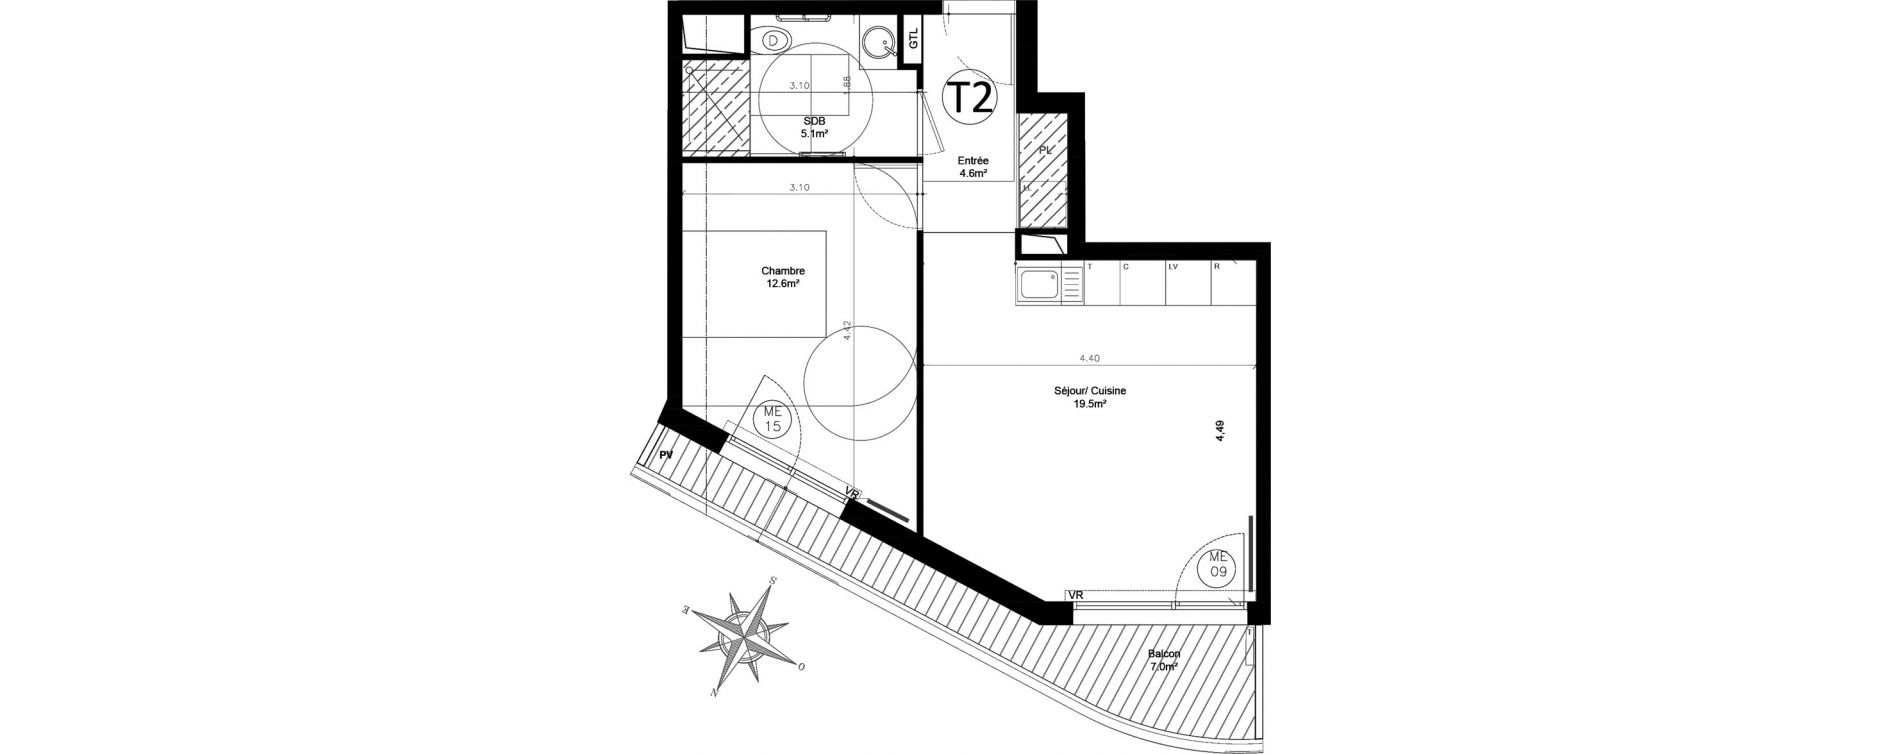 Appartement T2 de 41,80 m2 à Issy-Les-Moulineaux Chemin des vignes